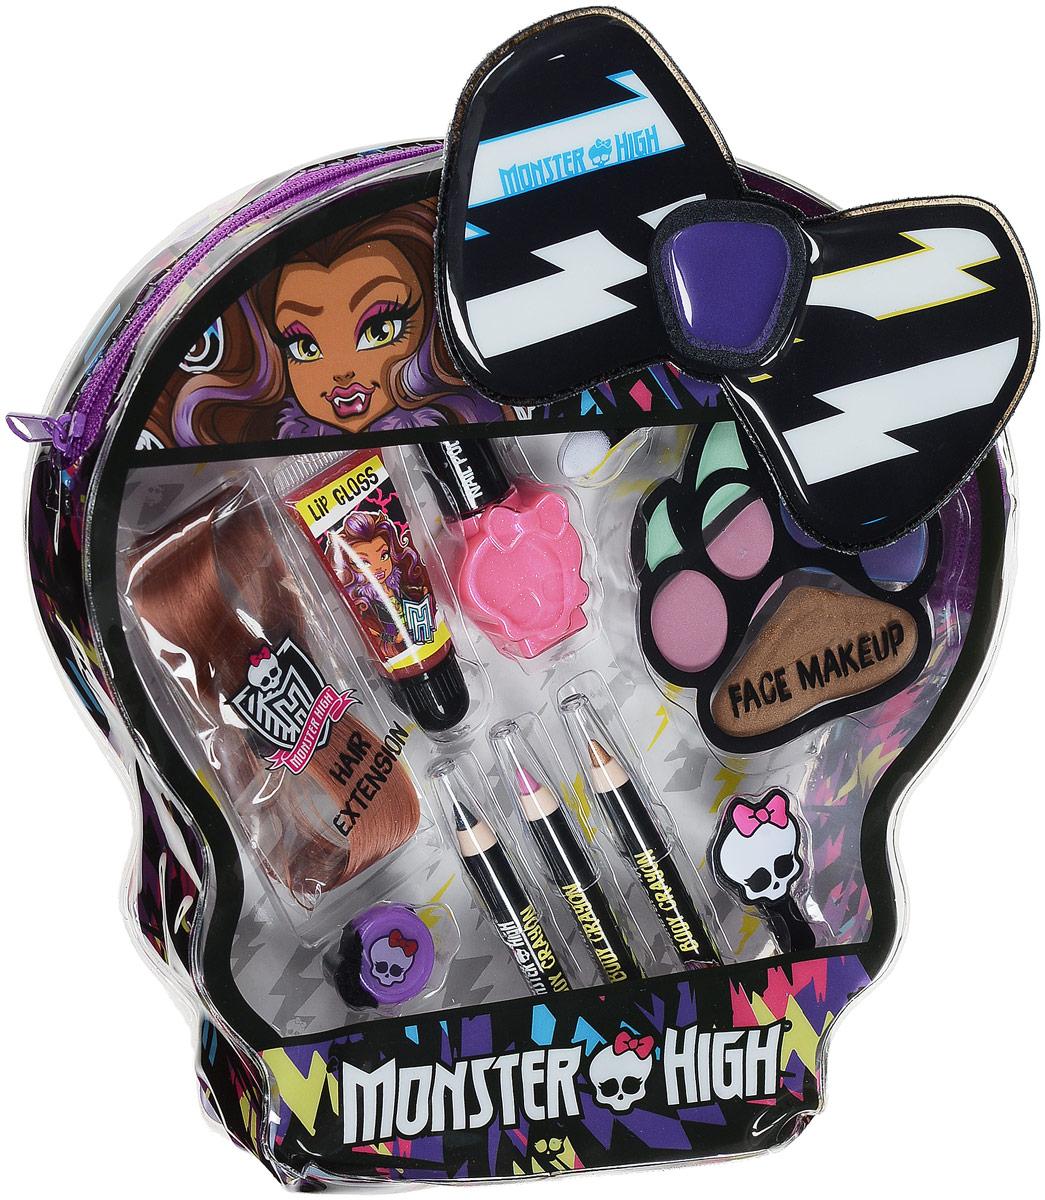 Купить детскую косметику monster high купить косметику мирра в костроме